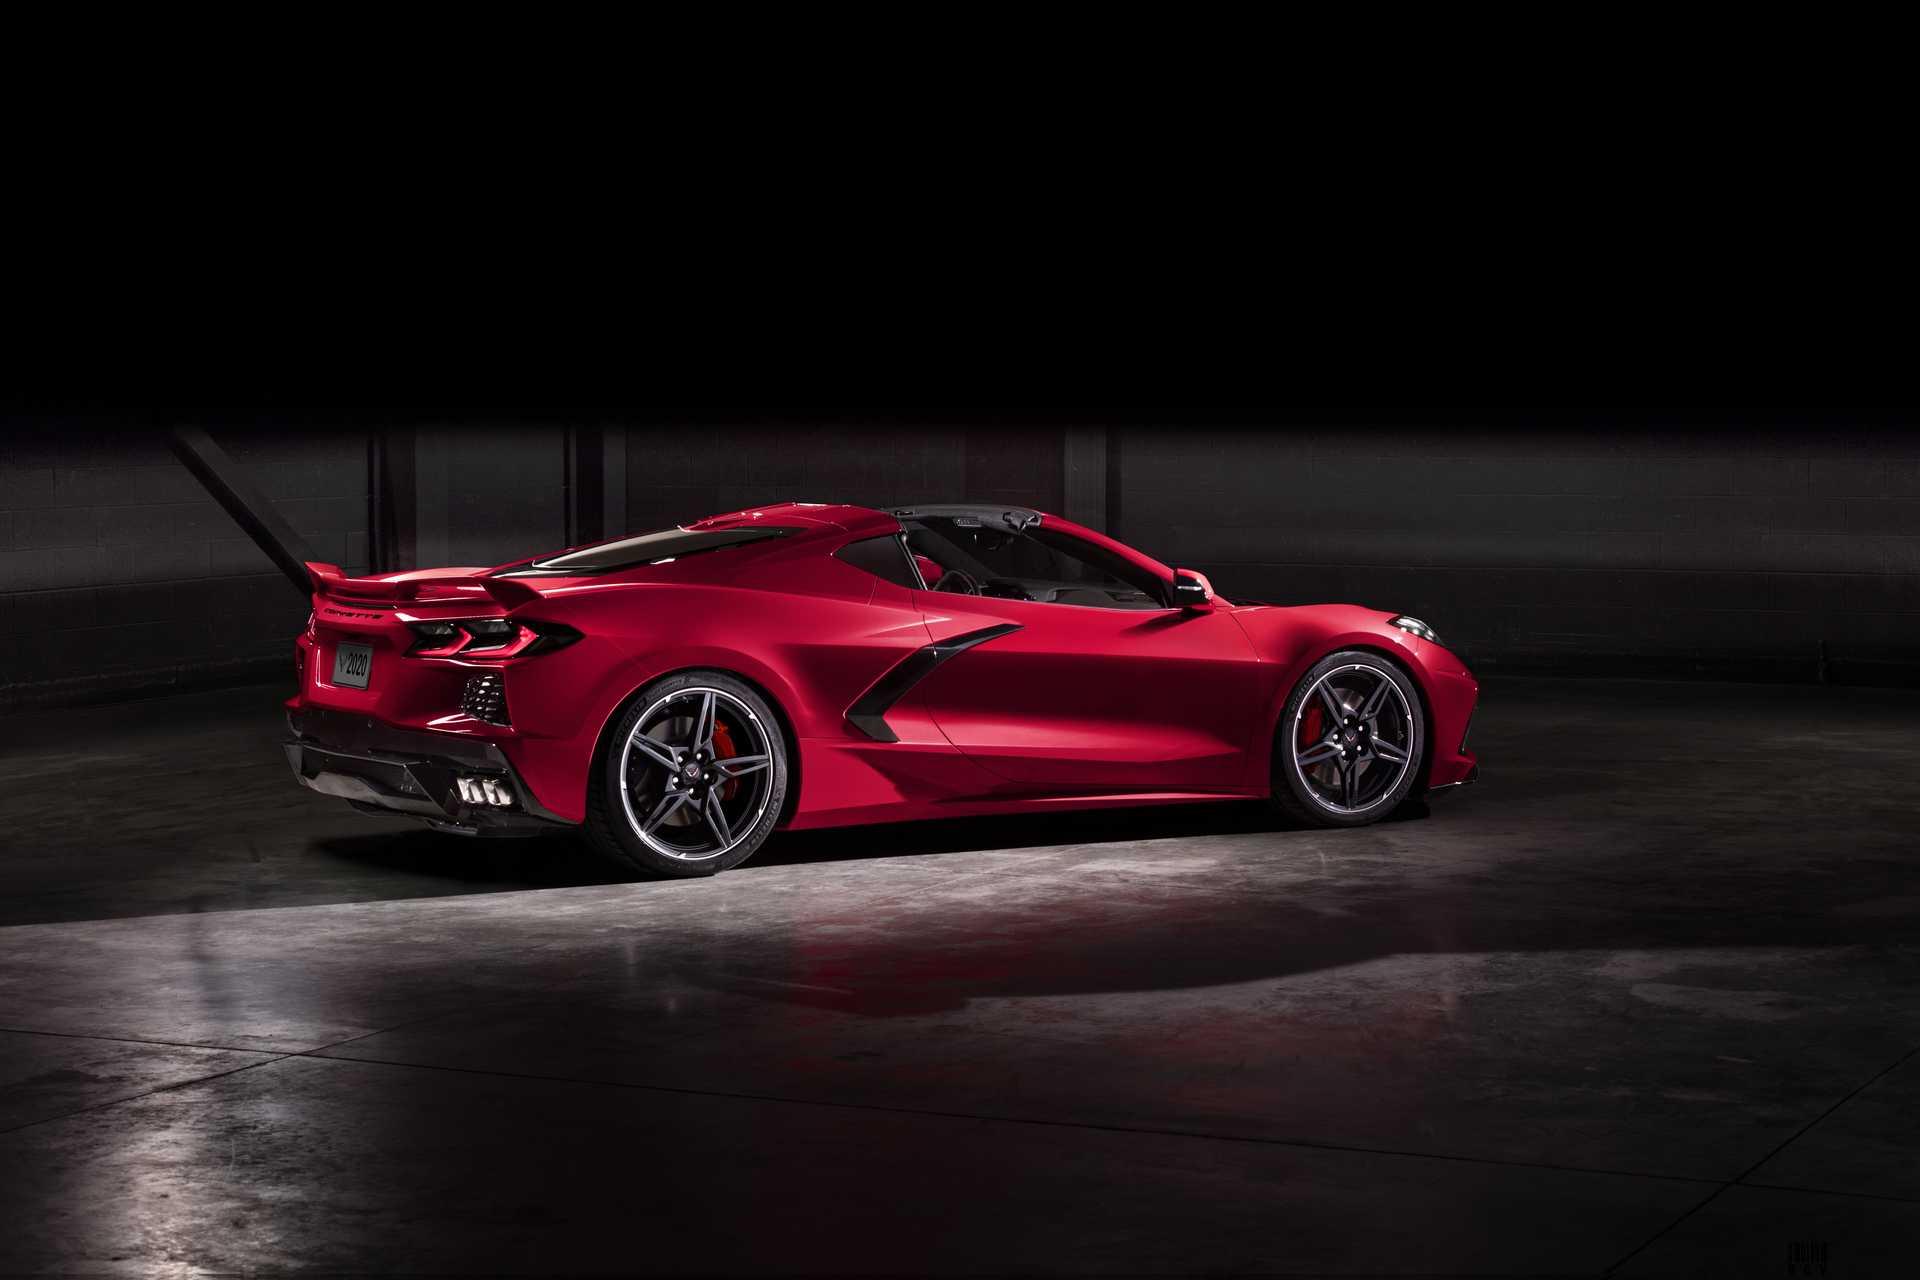 Chevrolet Corvette 6.2 V8 DCT, 502hp, 2020